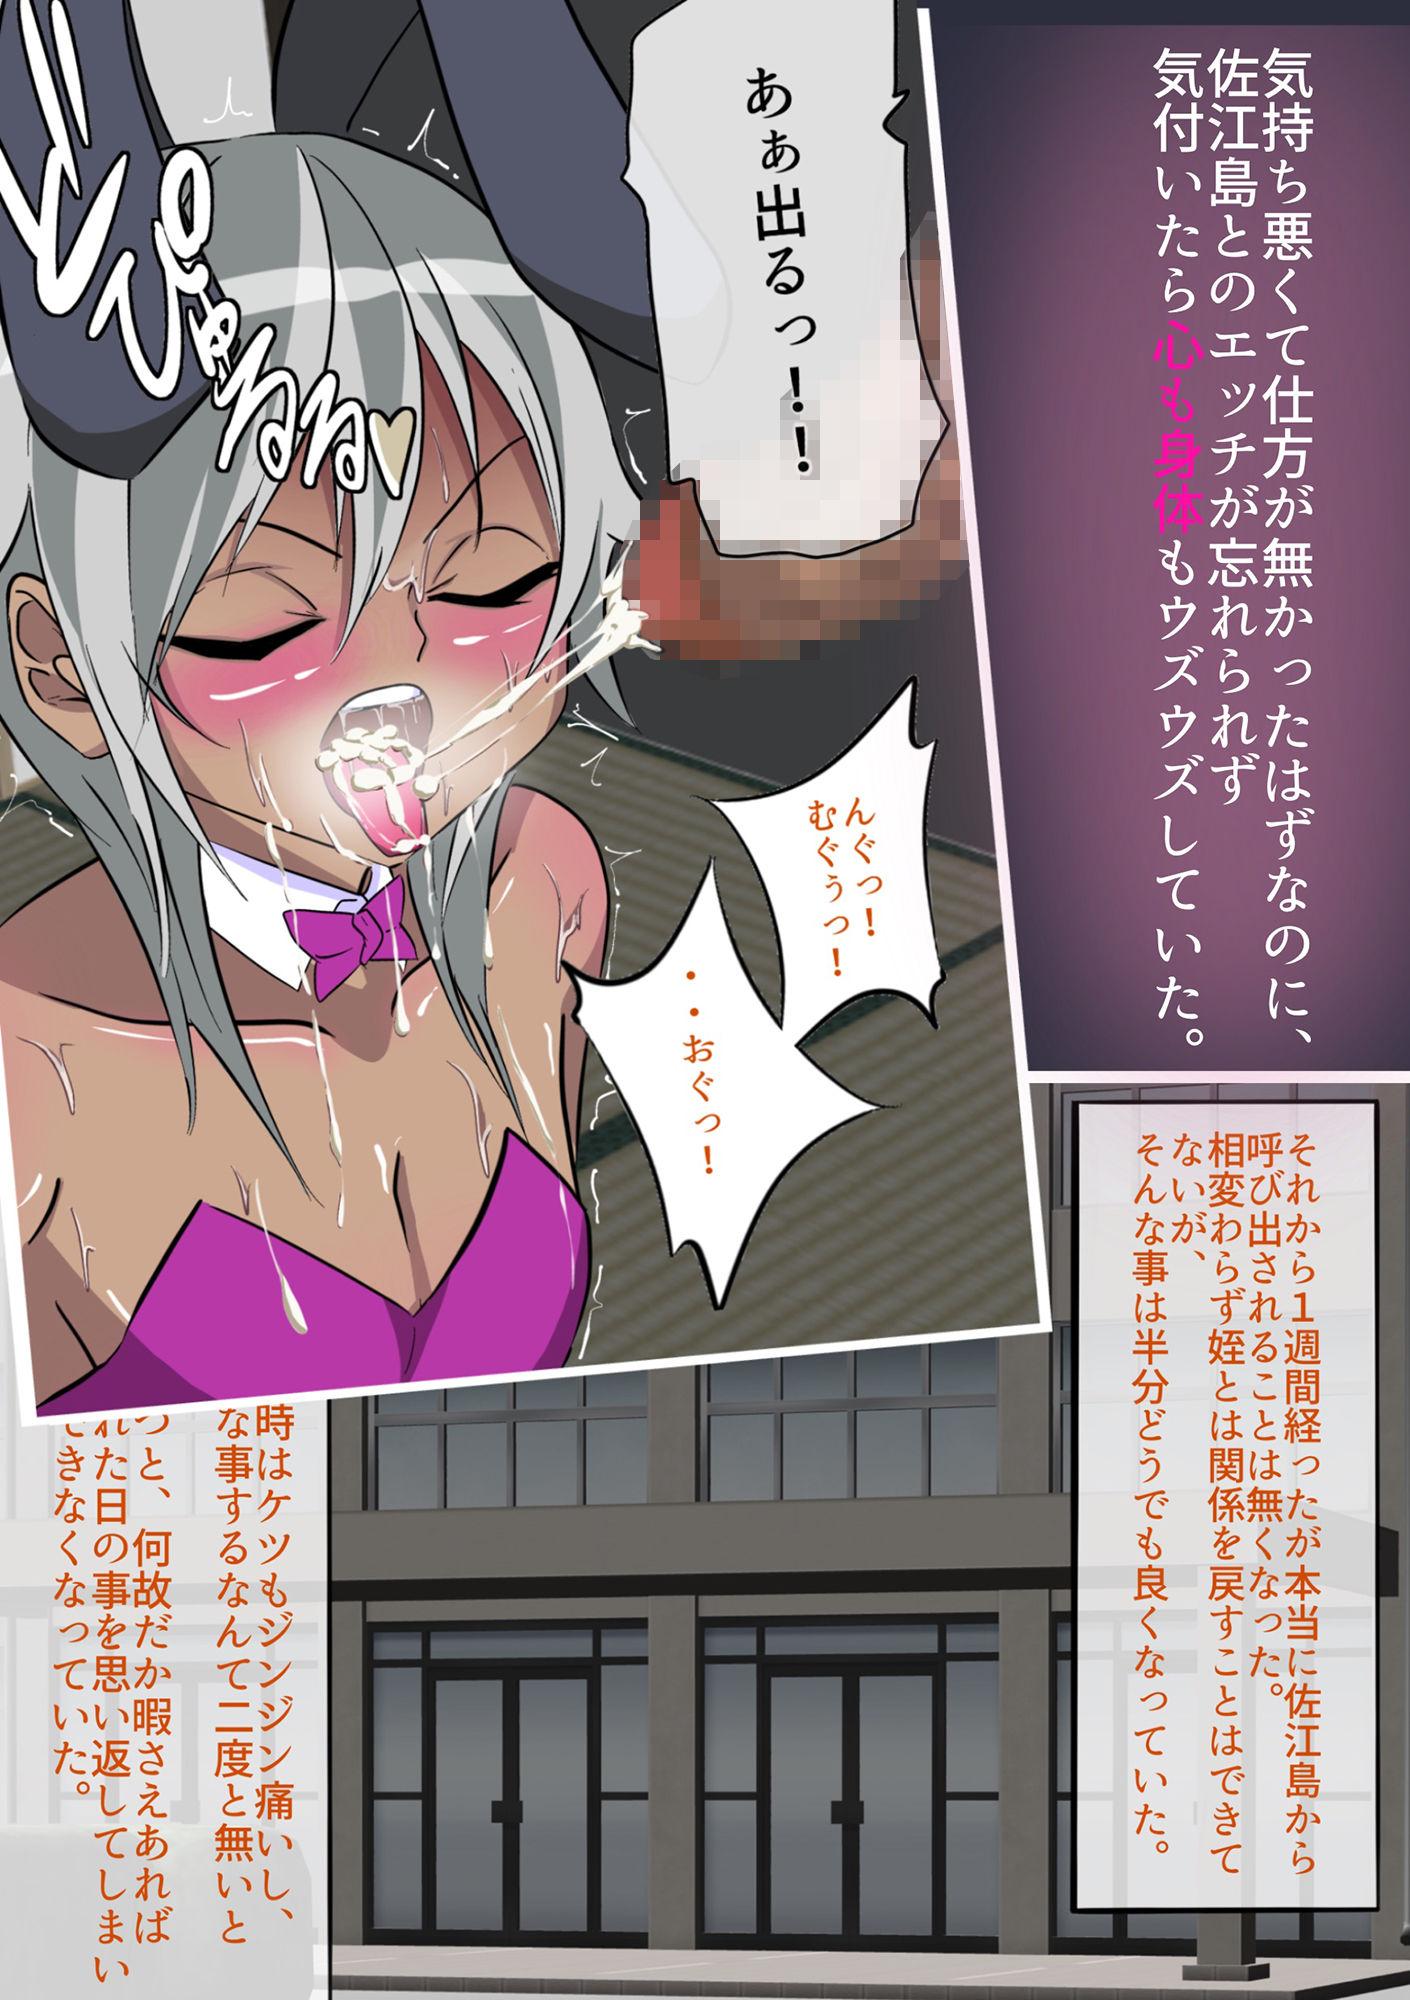 サンプル画像4:学園美男子 外伝2 褐色男の娘はクラスの陰キャに彼女を寝とられ、自分までメス堕ちさせられてしまった。(よもぎぱら) [d_199734]